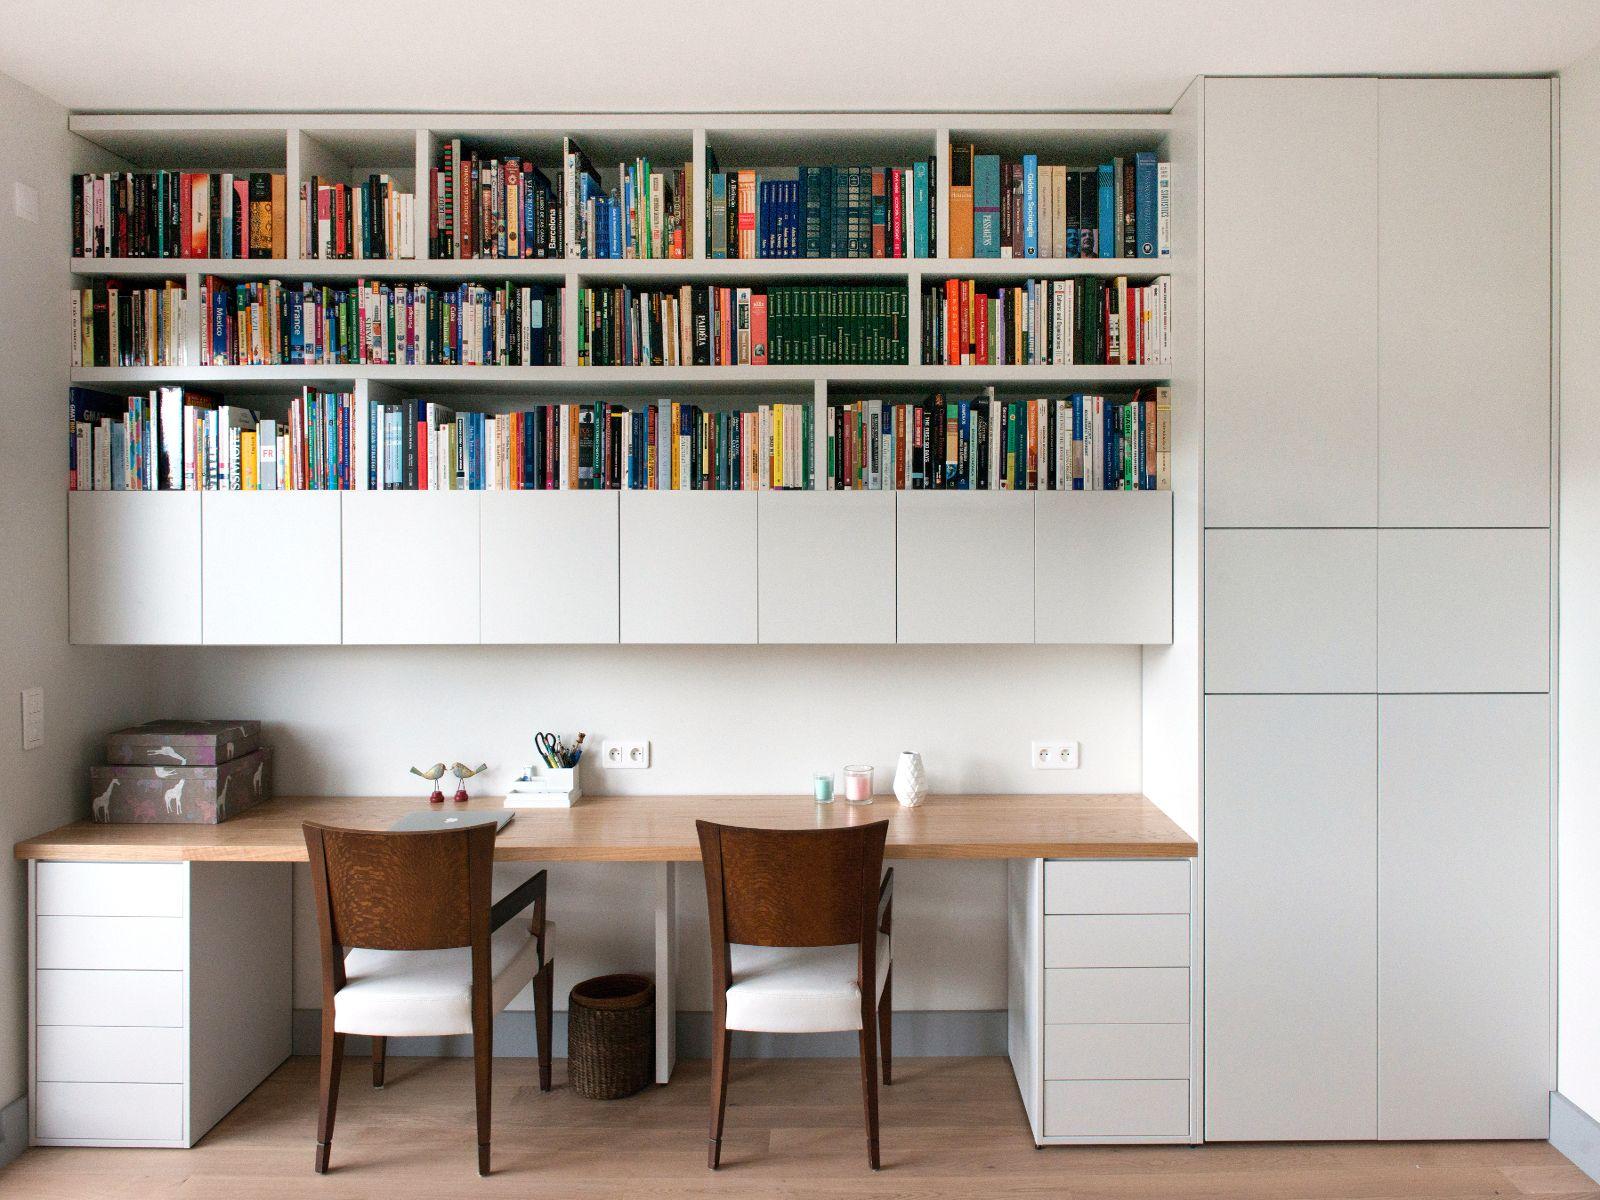 bureau et bibliotheque integres menuiserie sur mesure chene blanchi et blanc craie conception agence murs et merveilles i custom made worskpace and